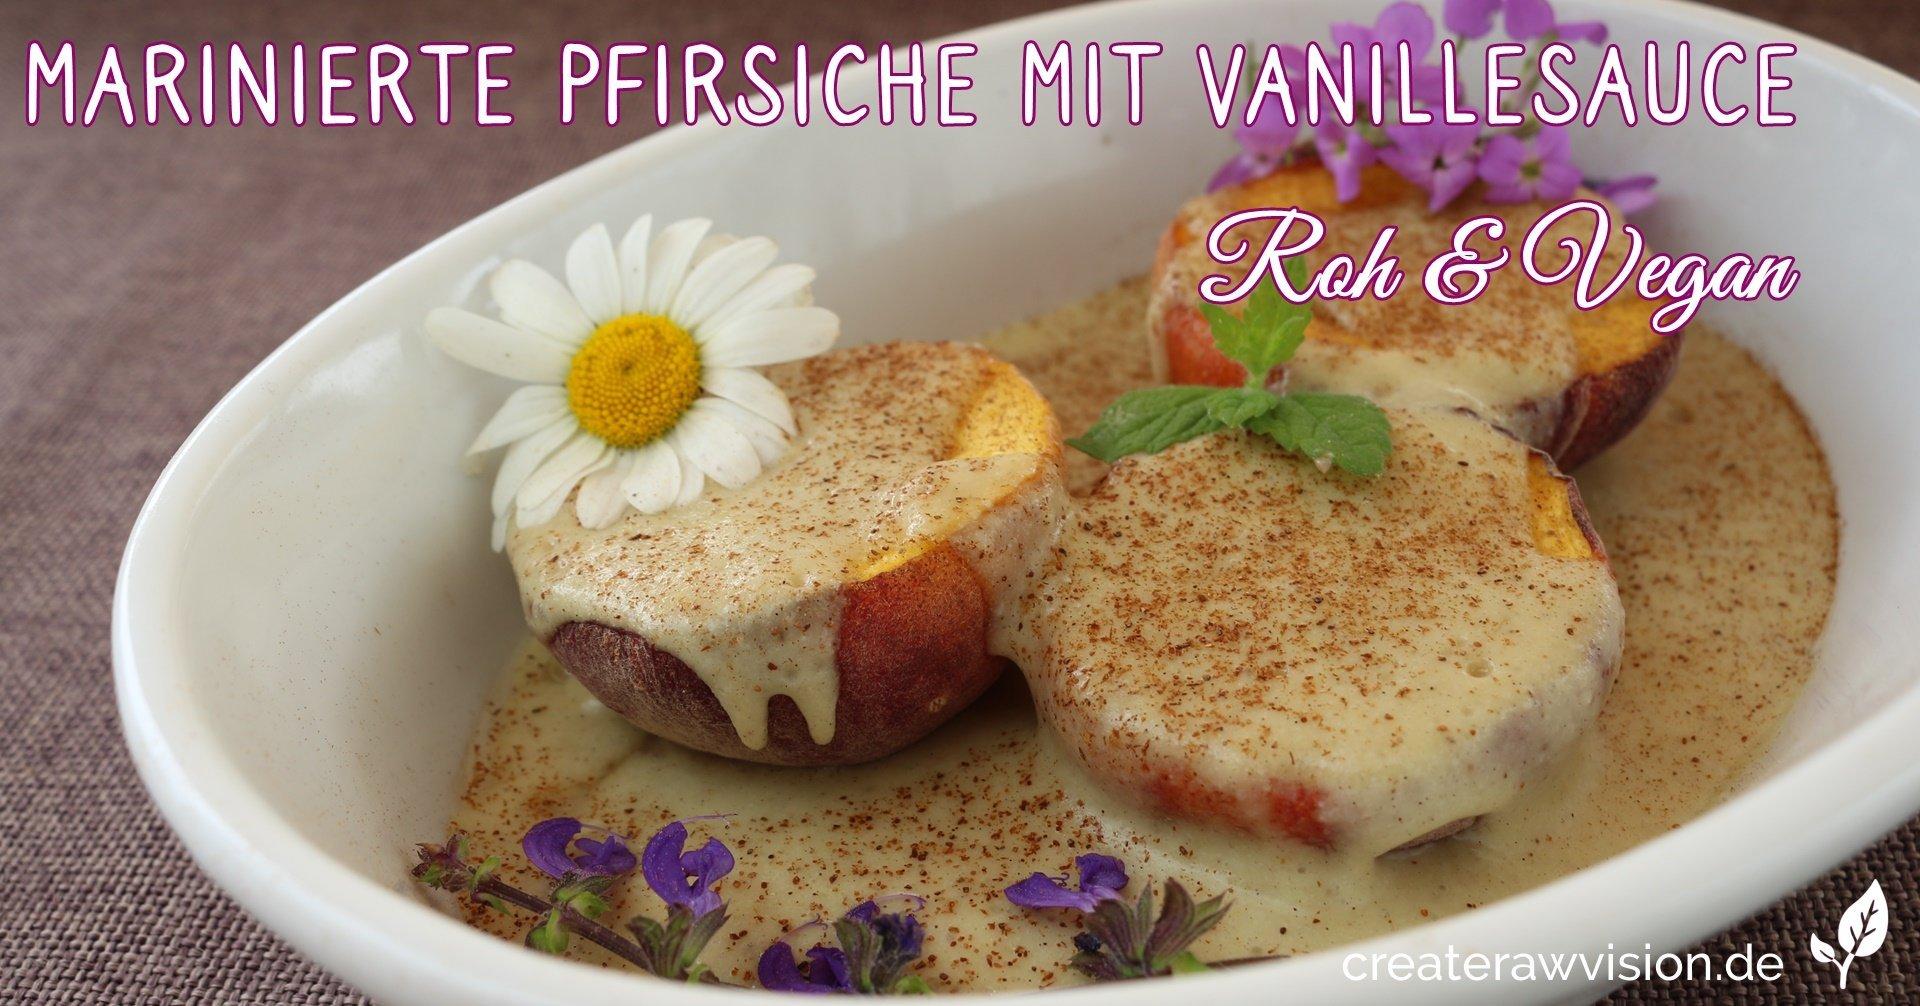 Marinierte Pfirsiche mit Vanillesoße Roh & Vegan